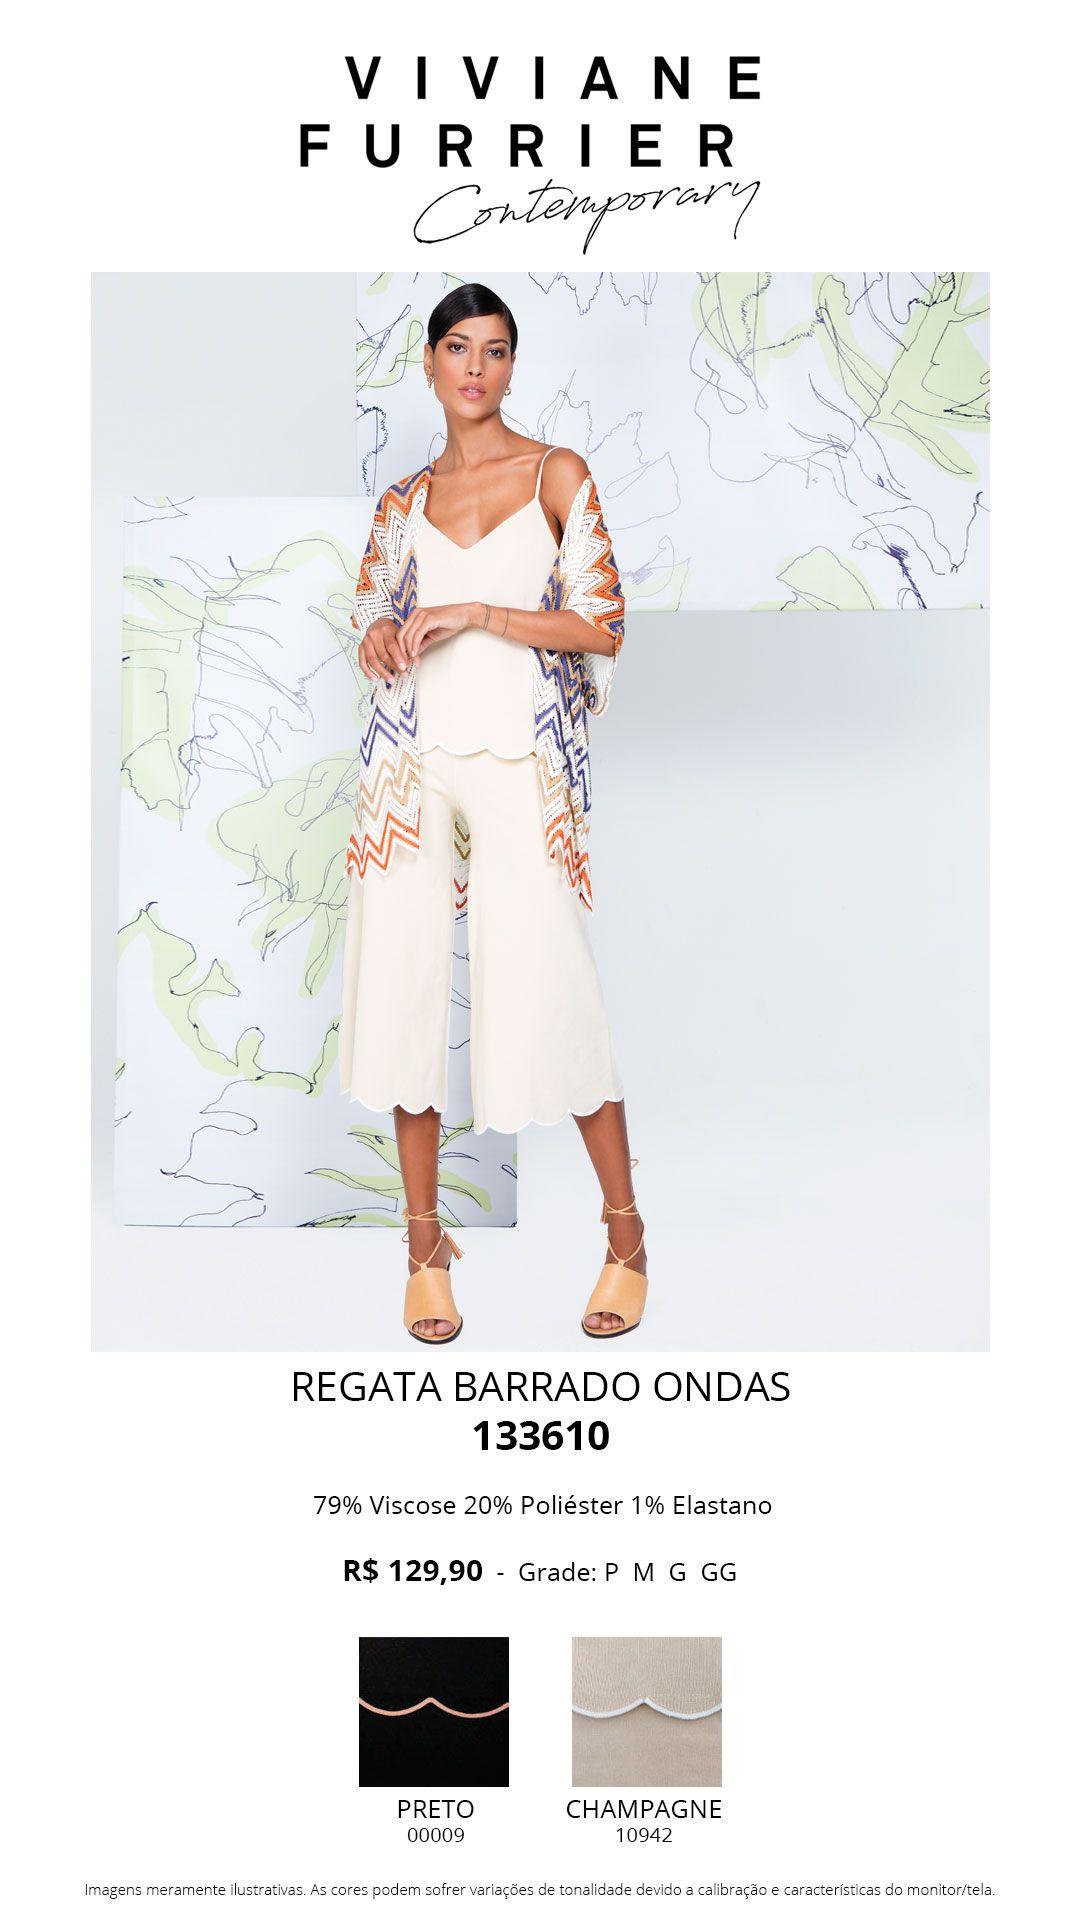 Regata Barrado Ondas